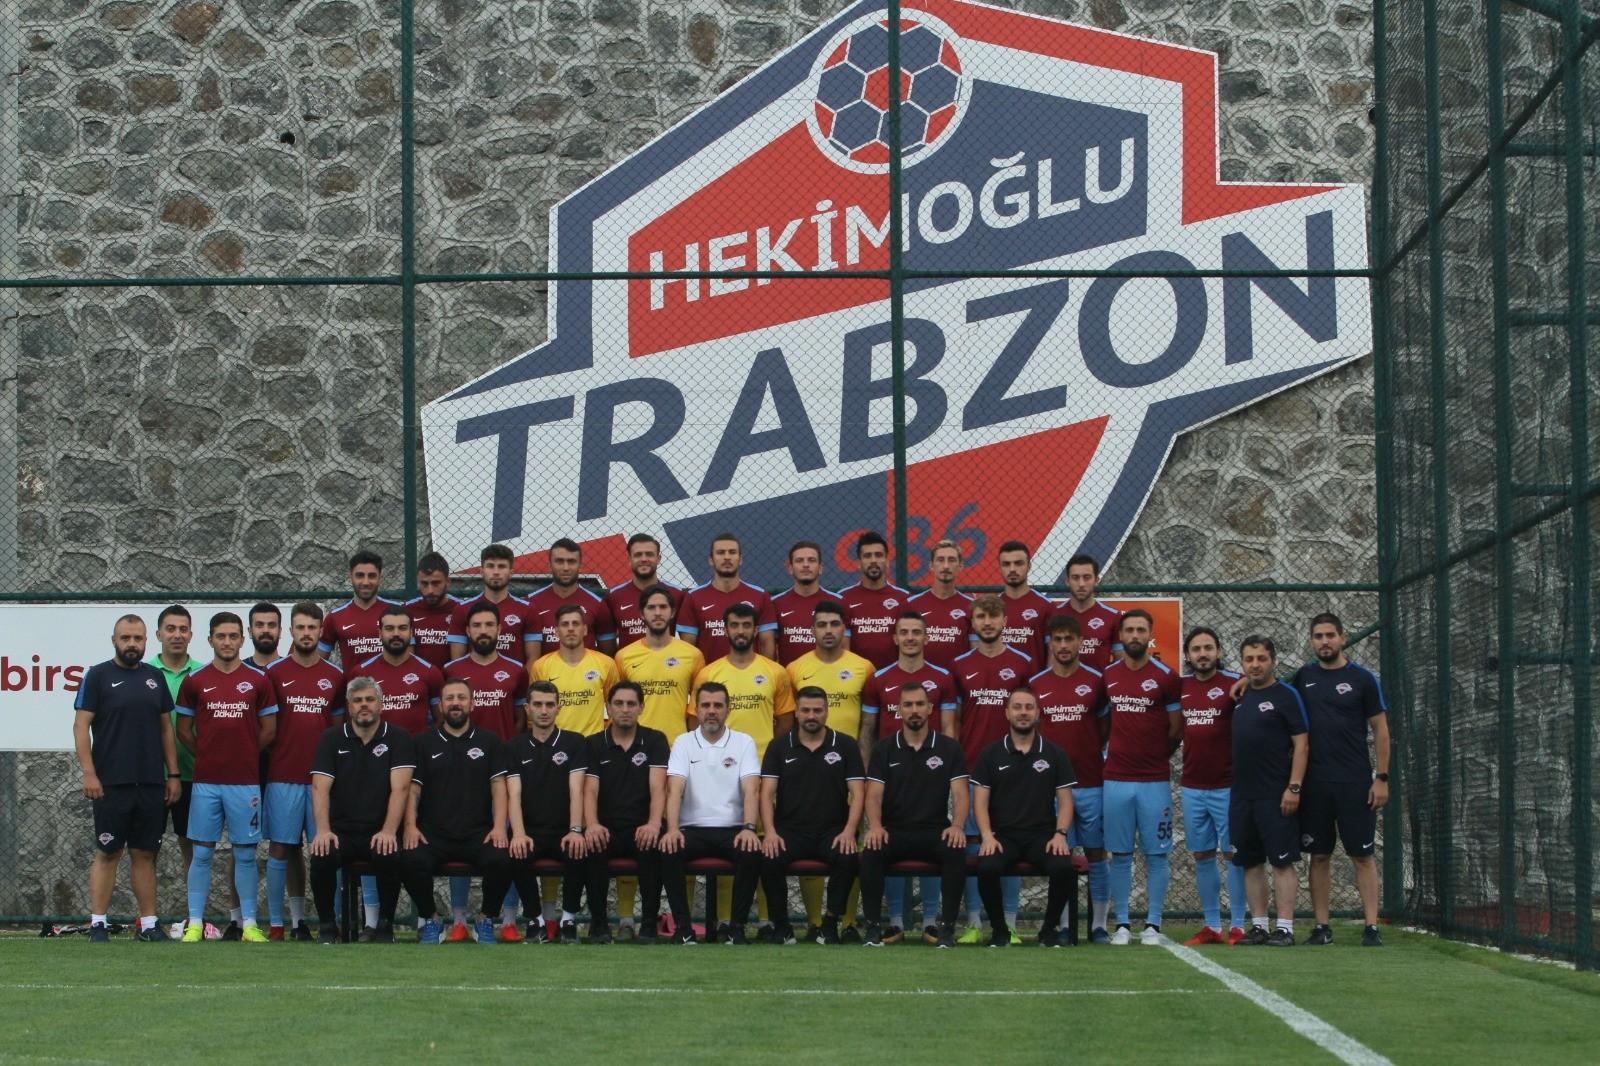 Hekimoğlu Trabzon FK, Antalya yolculuğu öncesi COVİD-19 testinden geçti